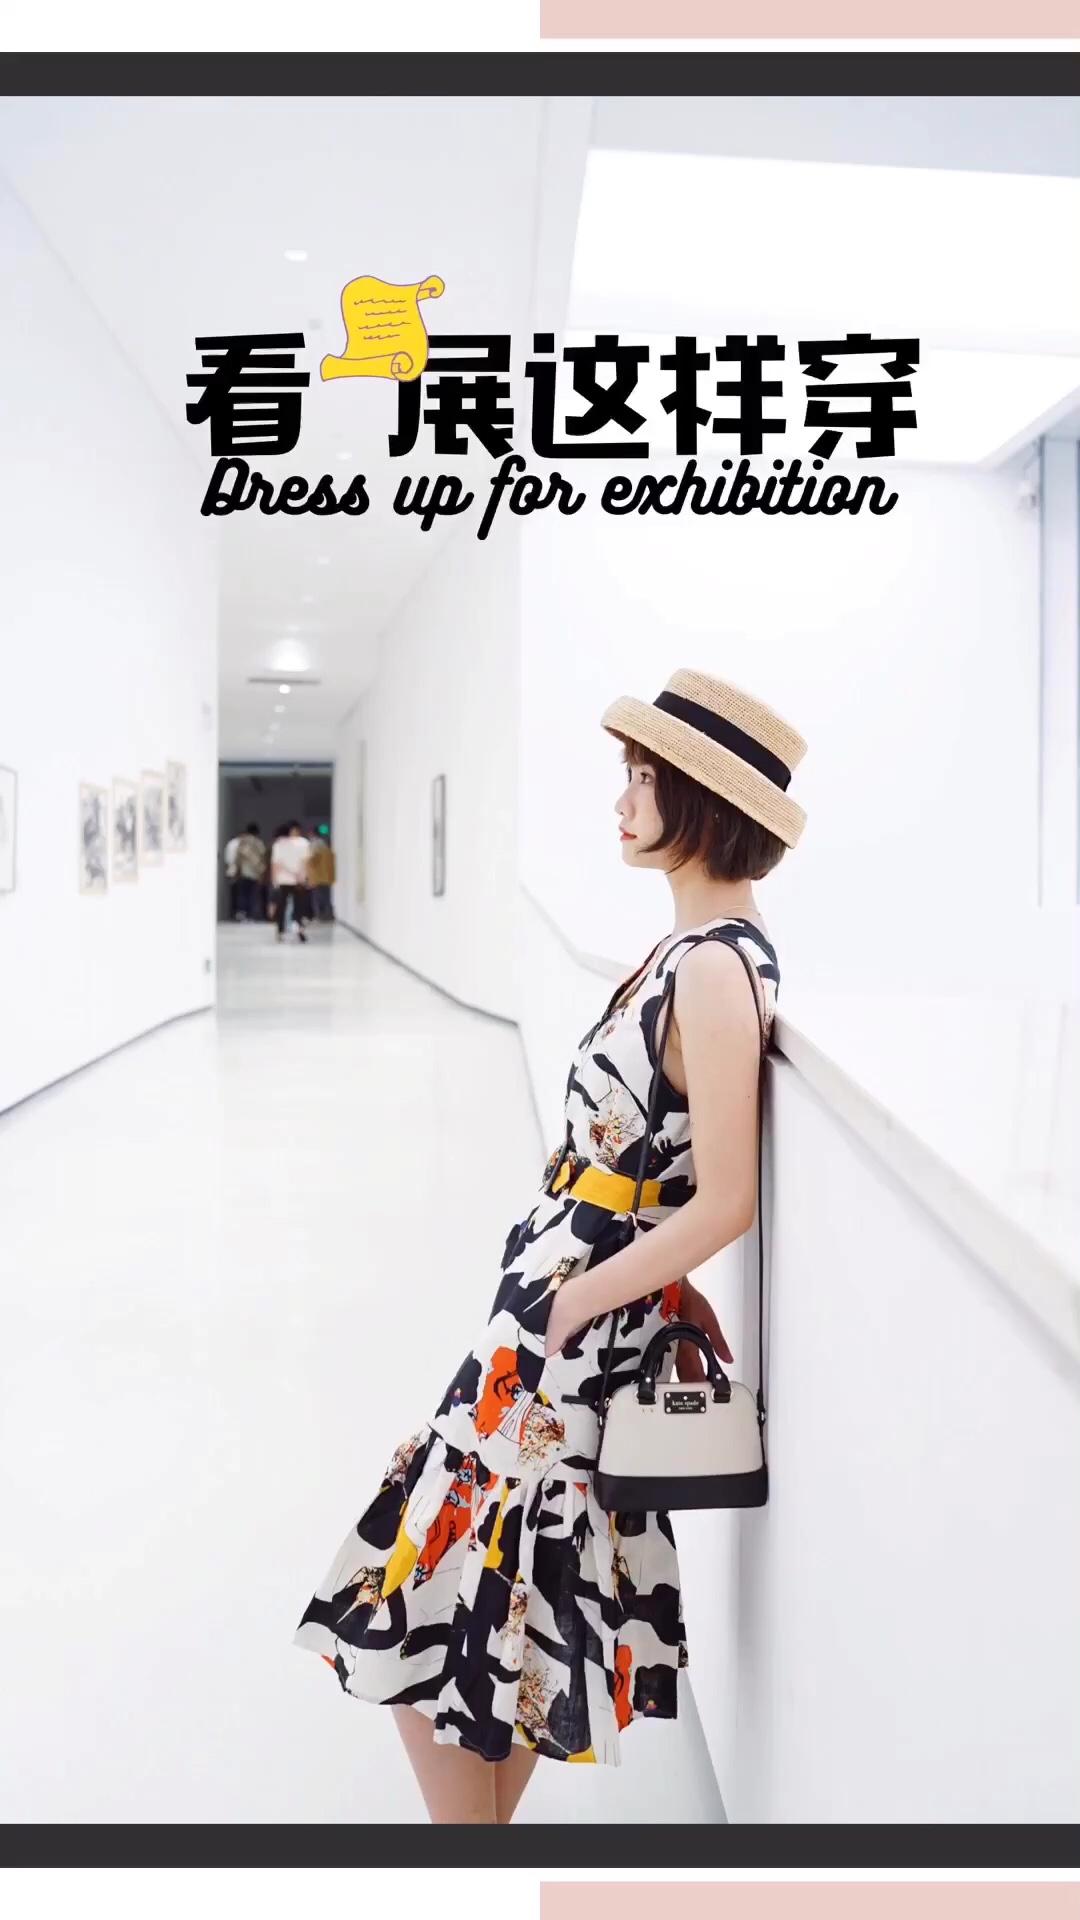 #你回眸的样子像极了爱情#穿上艺术家合作款的印花长裙去看画展,彩色印花和黑白画廊相映衬,适合和男友相约画展的你哦! 🛒单品信息: 裙子:gorman 包包:kate spade 帽子:Diddi 鞋子:simple rainbow